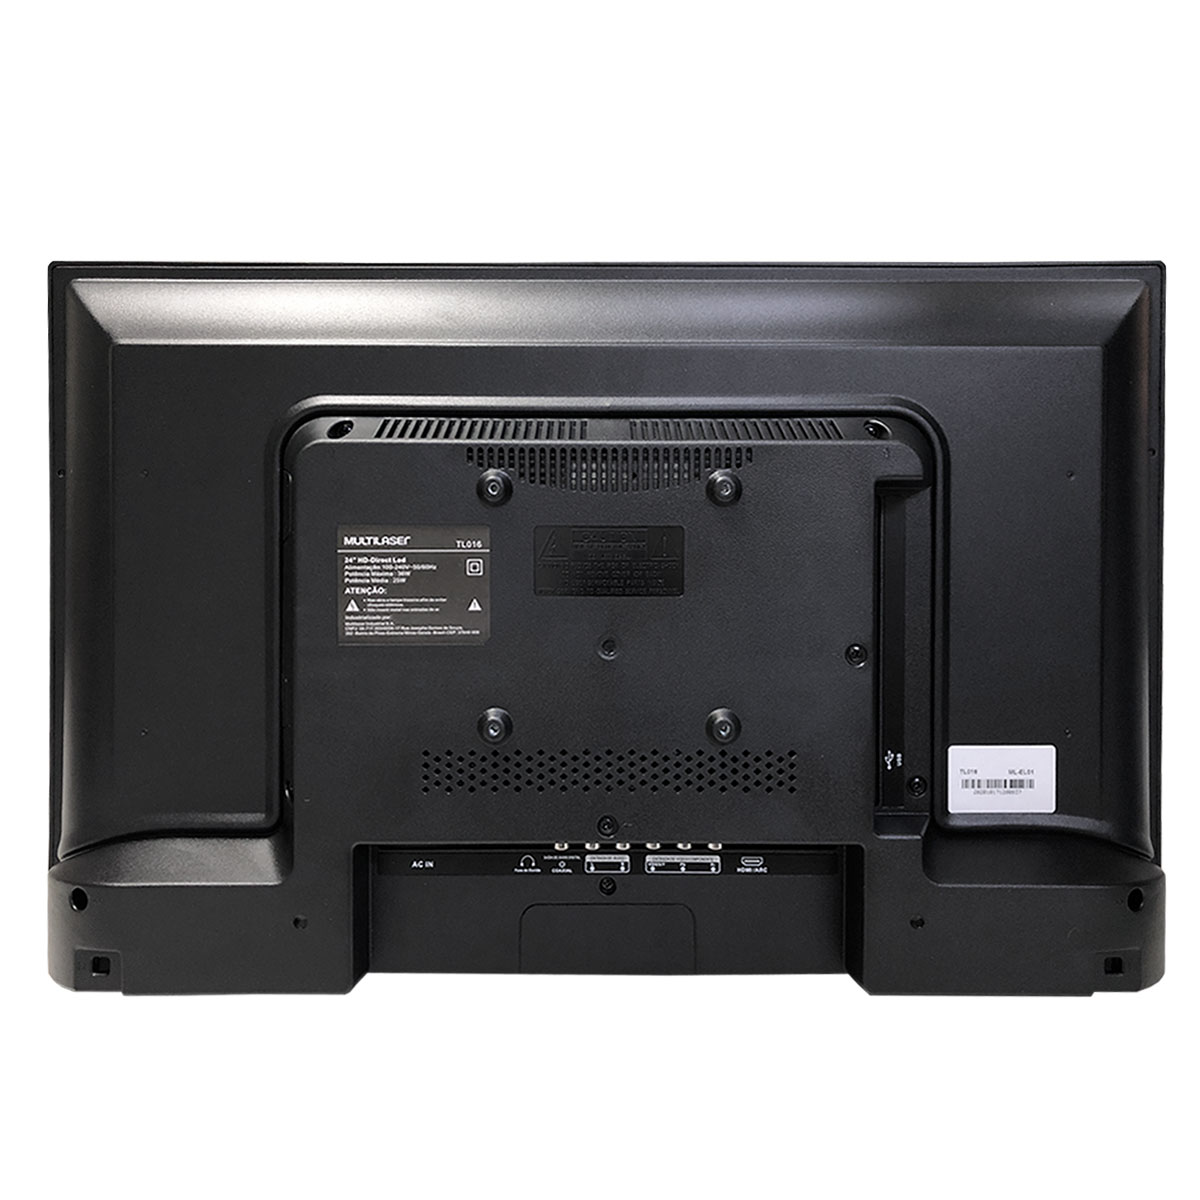 """Monitor Multilaser TL016 24"""" HD (1366x768), Entradas USB/HDMI, Bivolt, Gravador/Conversor Digital"""